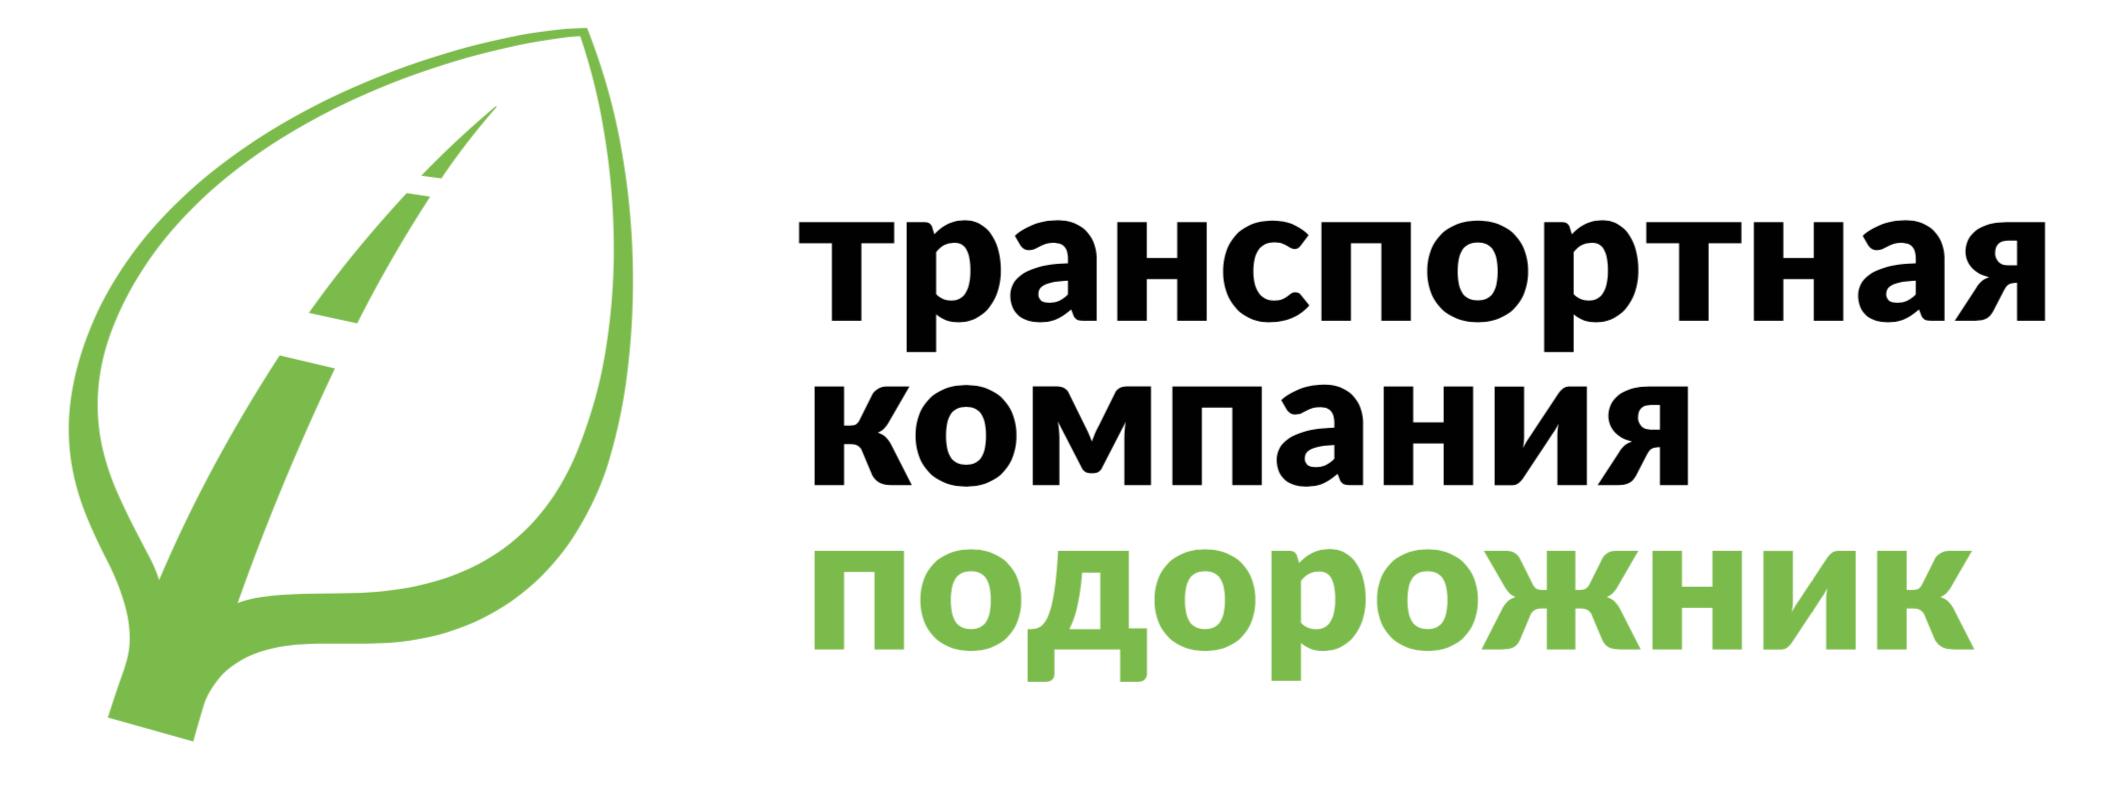 Транспортное Агентство Подорожник, ООО